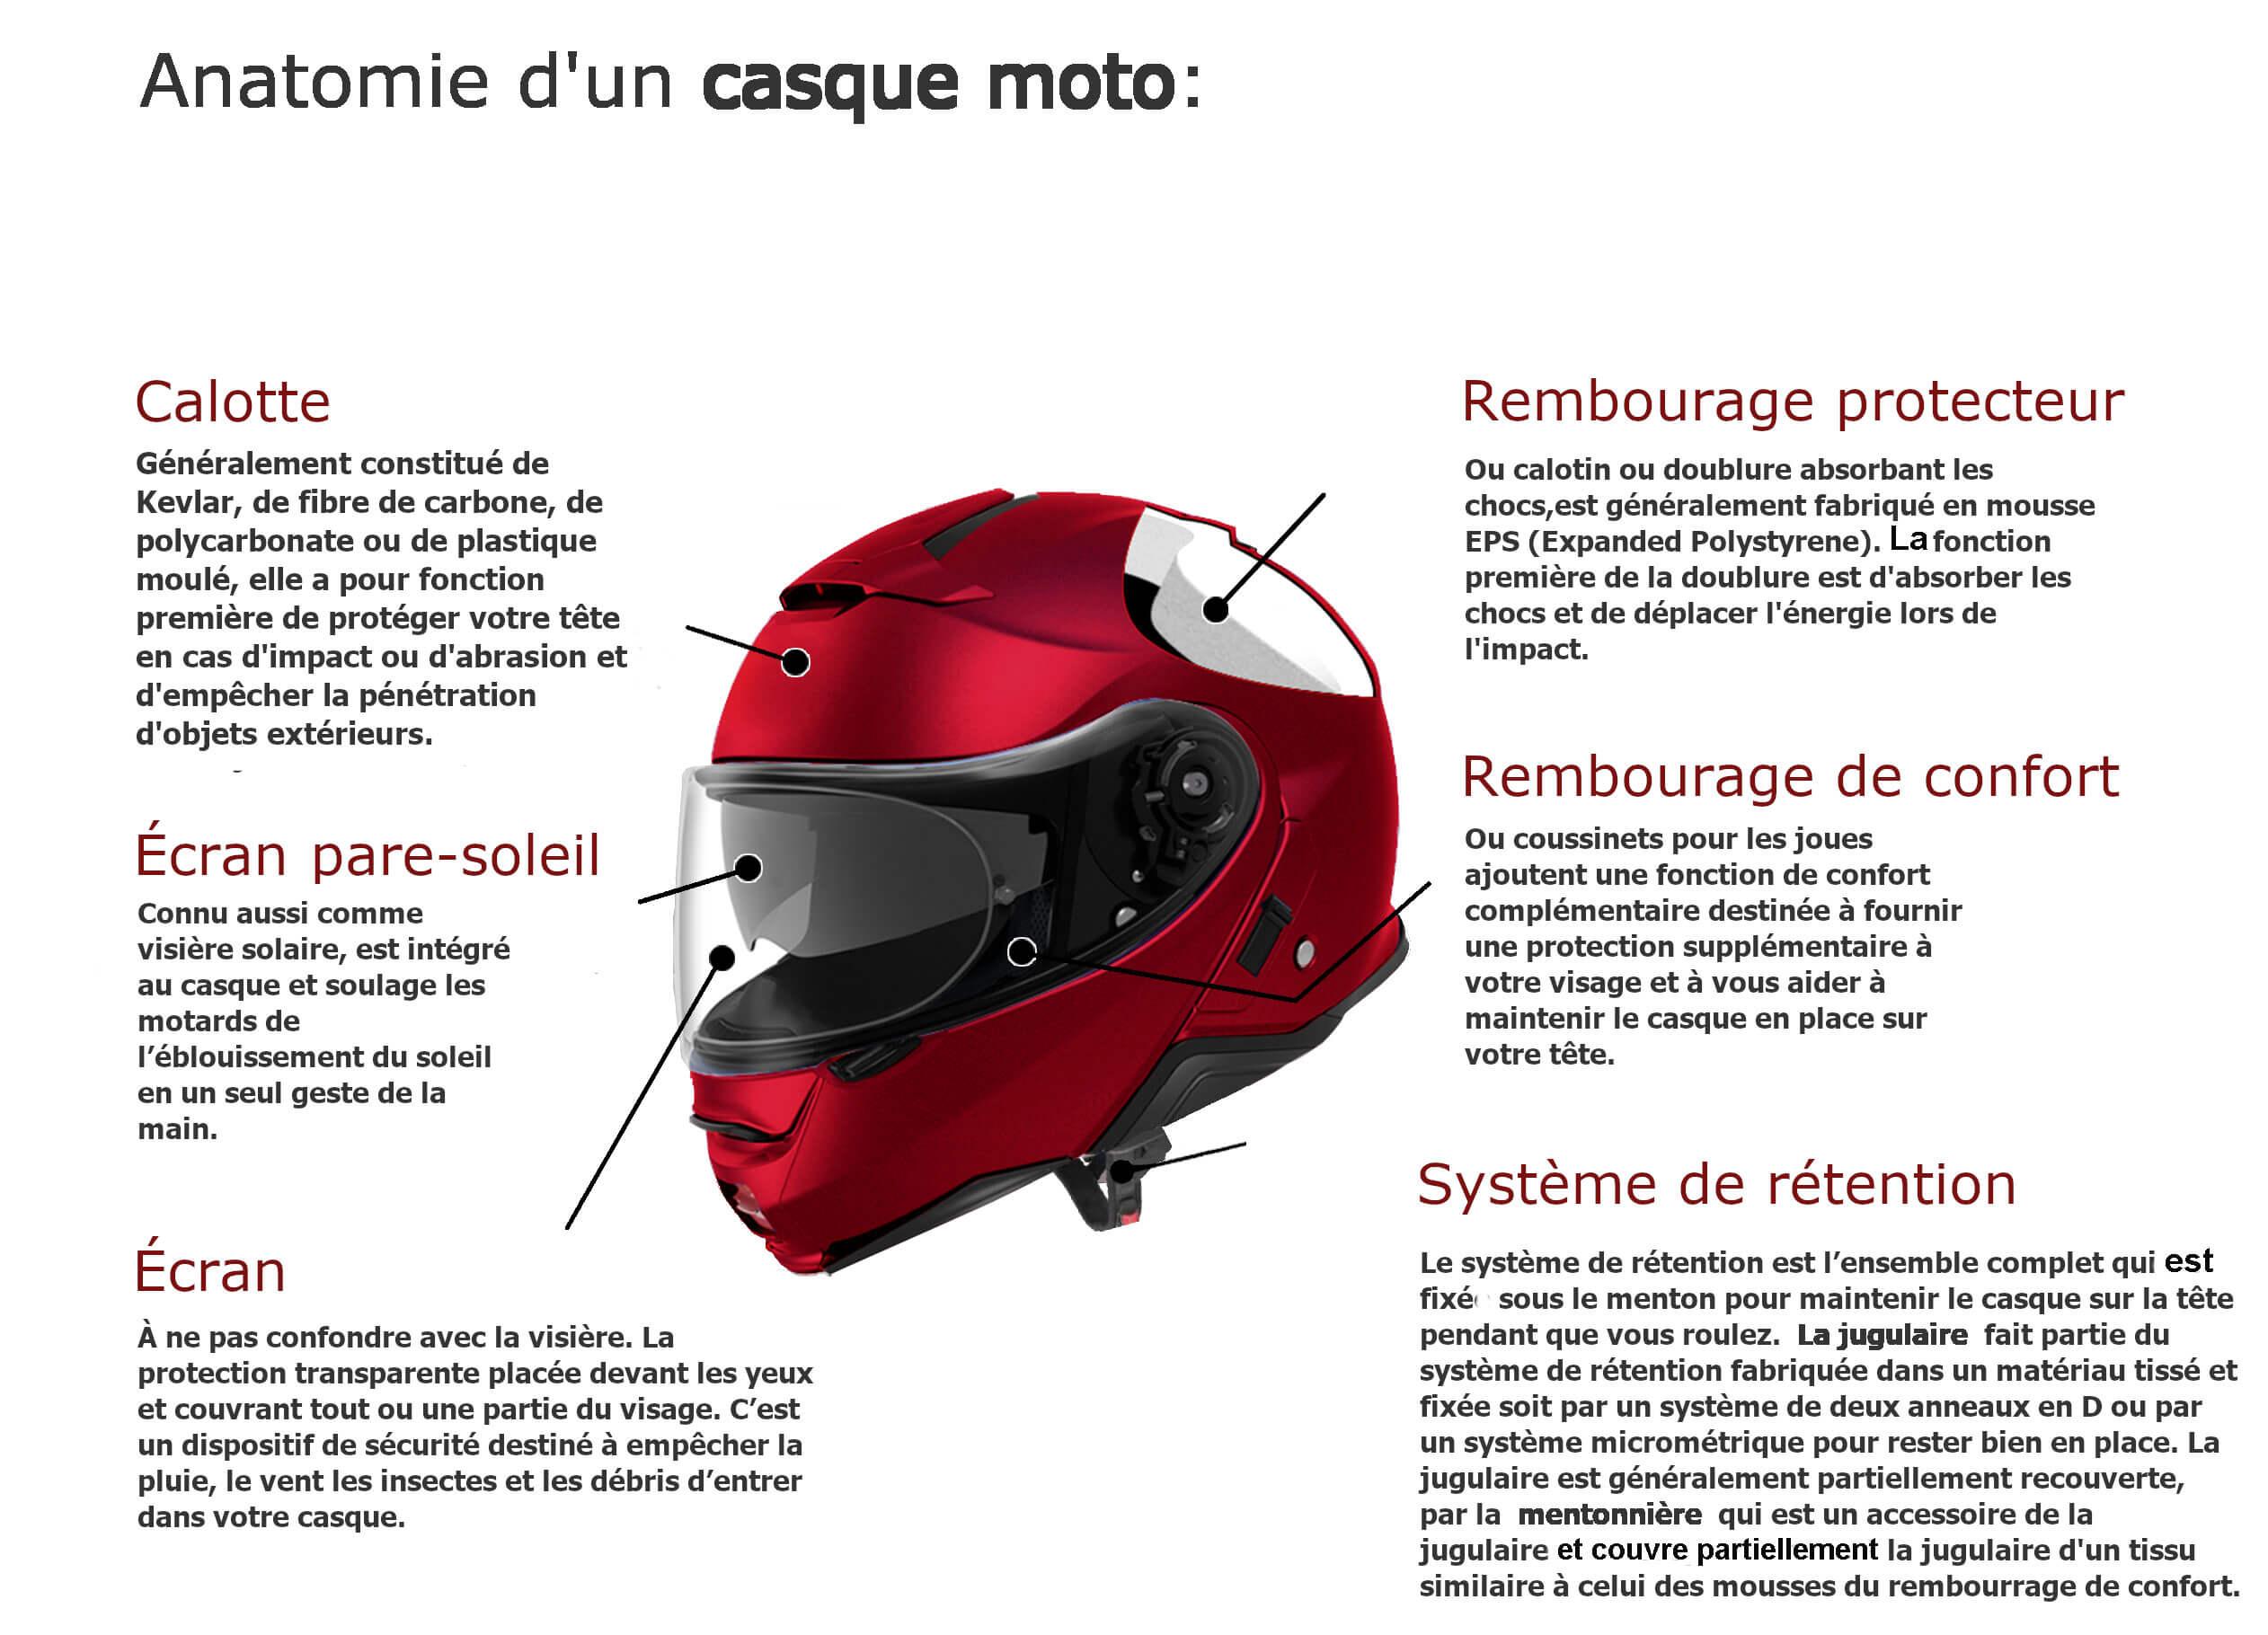 differentes parties d'un casque moto